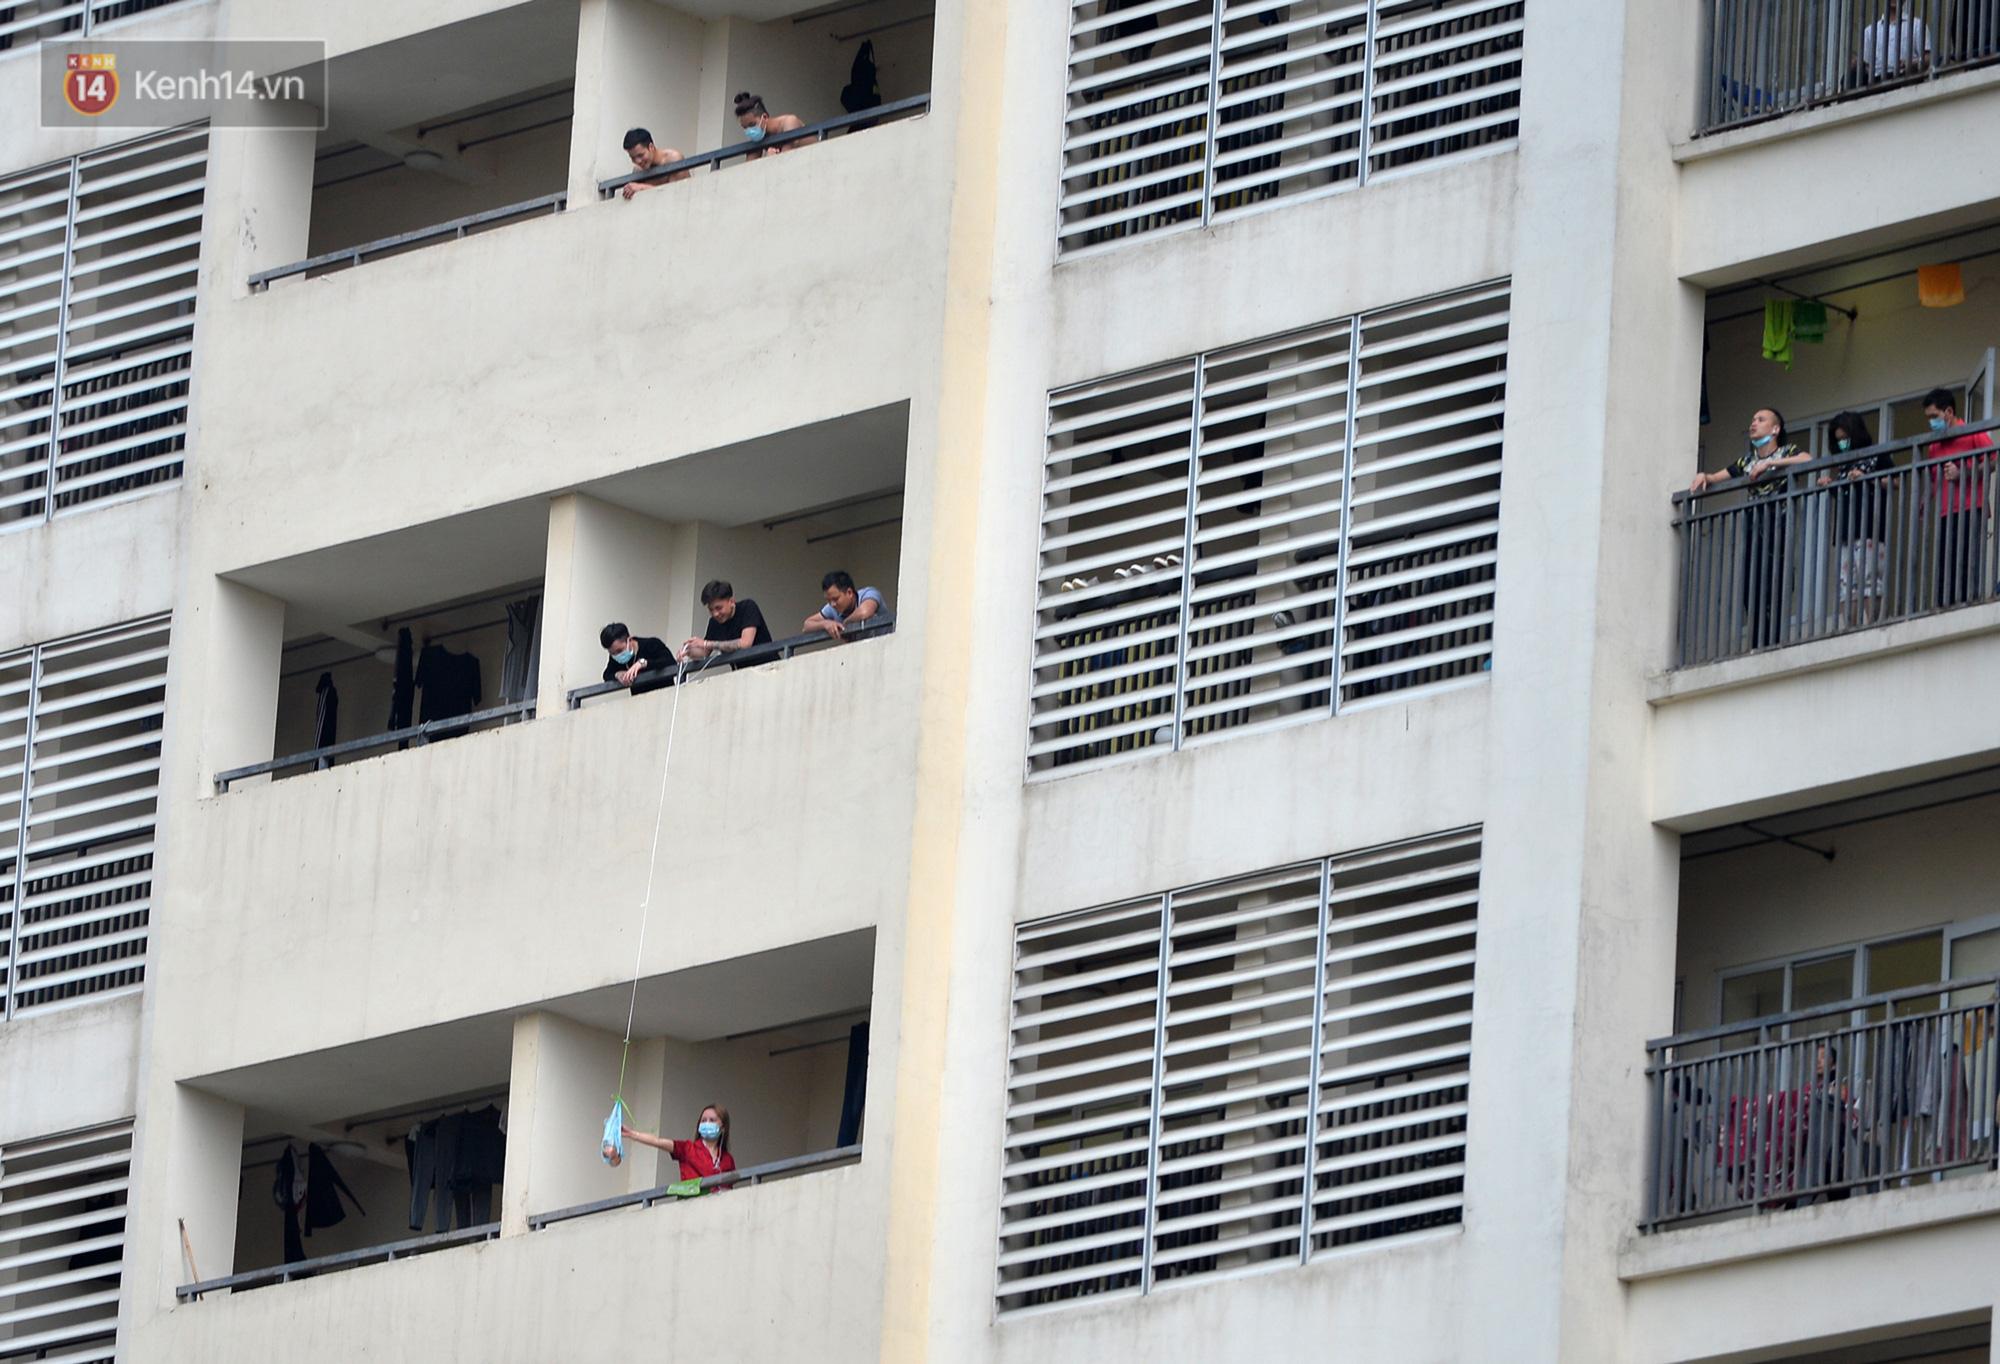 Mẹ bắn tim từ xa cho con gái, các anh thanh niên tầng trên cột dây thả túi hoa quả cho chị em tầng dưới trong khu cách ly ở Hà Nội - Ảnh 9.